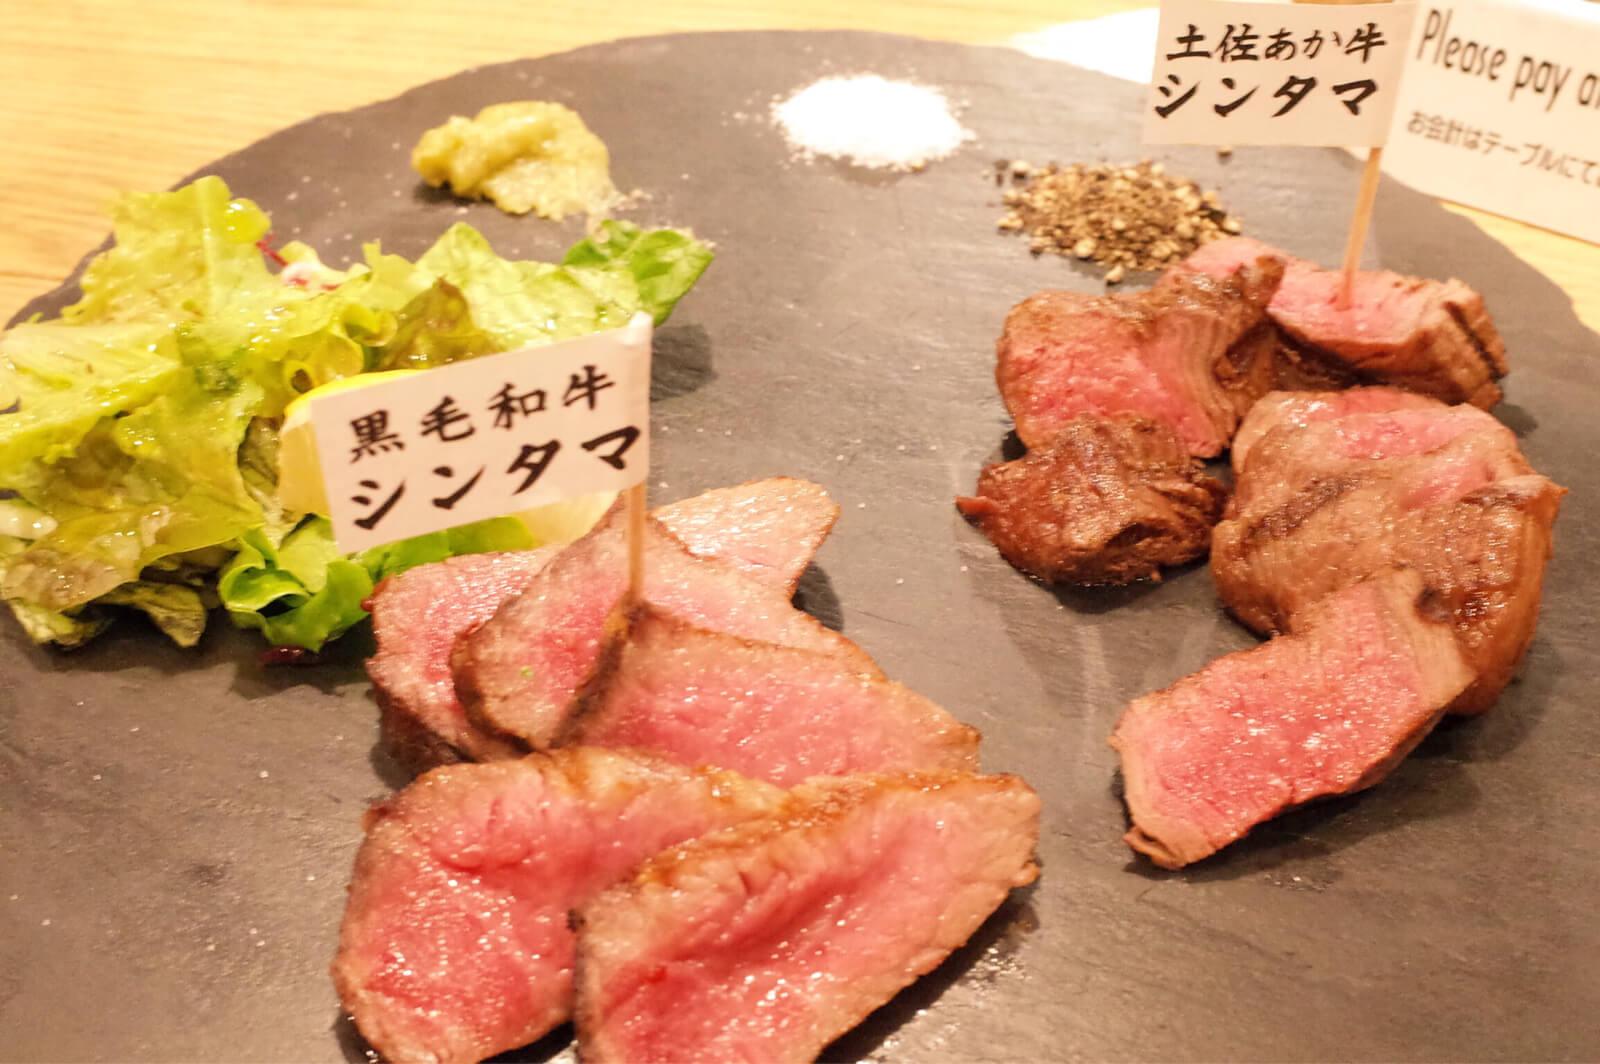 センバキッチン 熟成肉食べ比べ